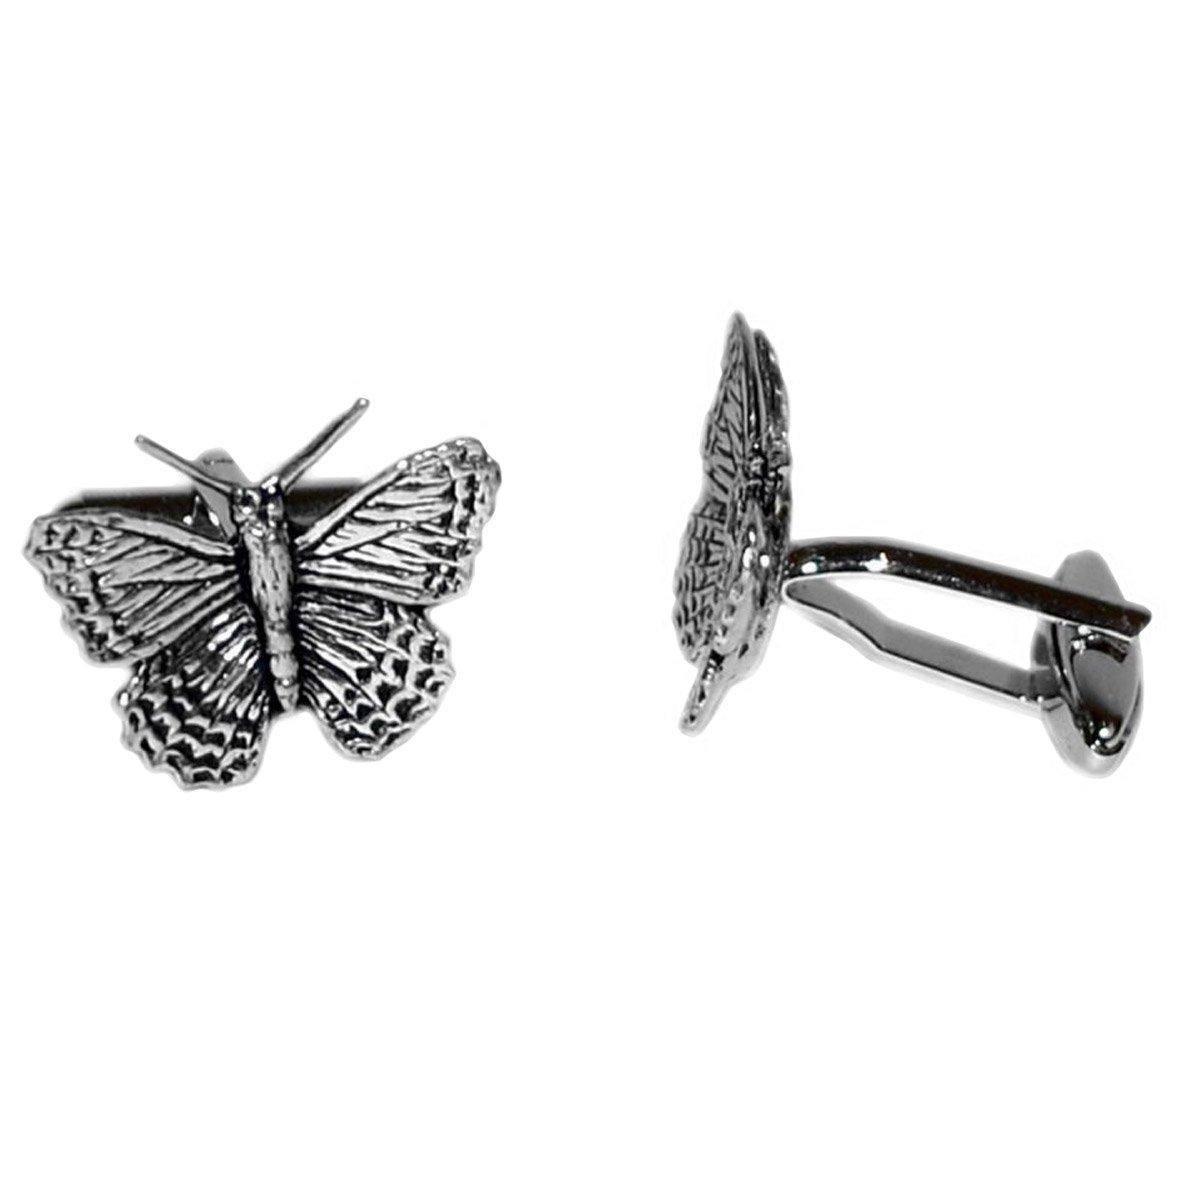 Pewter Butterfly Cufflinks